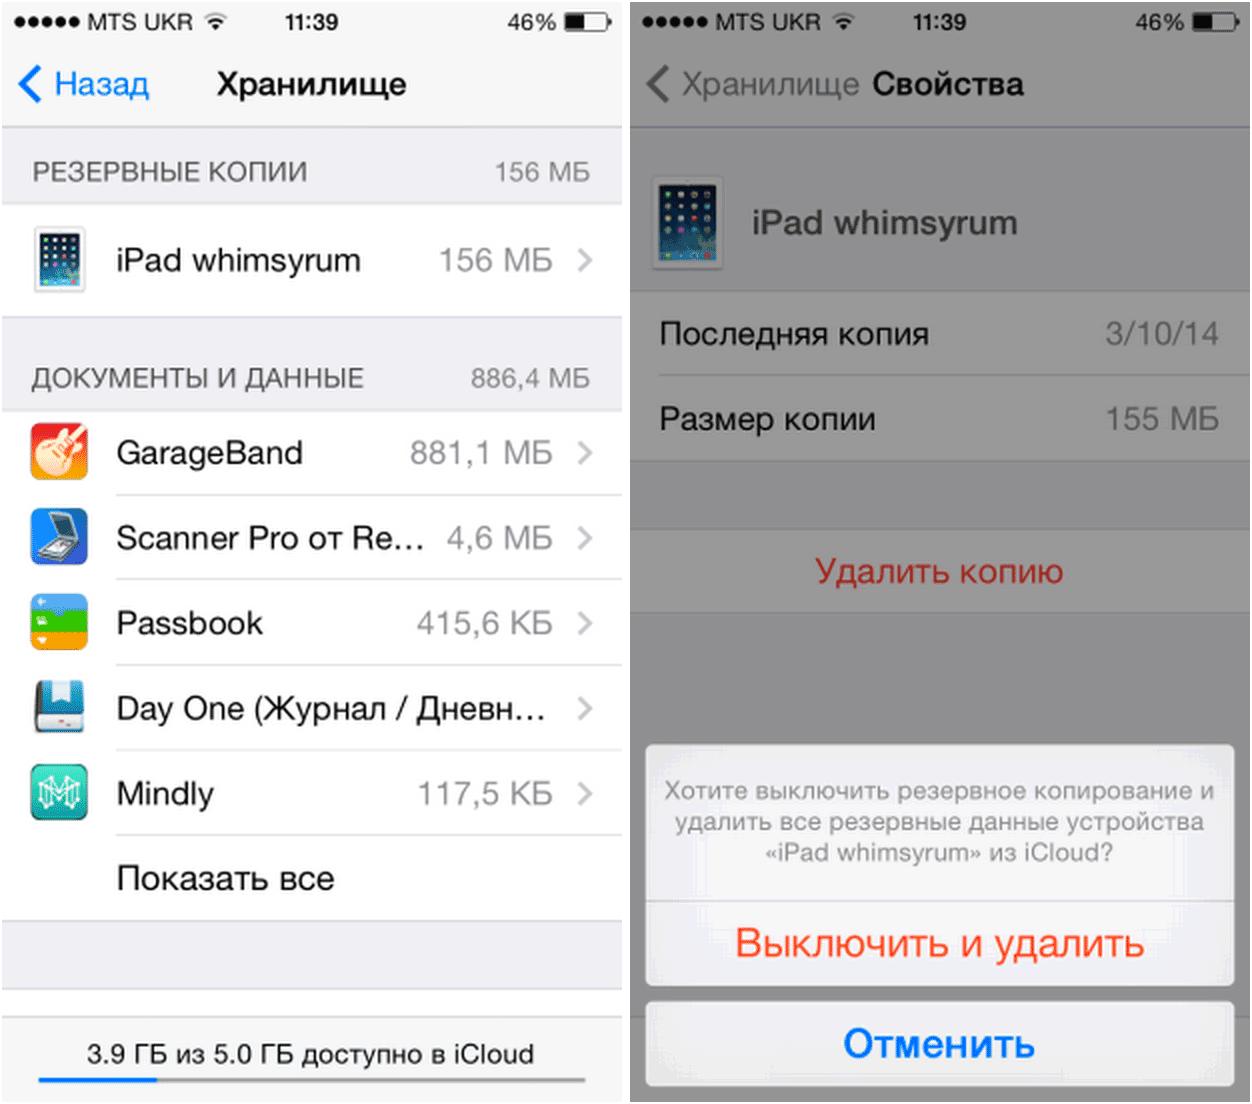 Как сделать резервную копию iPhone 39